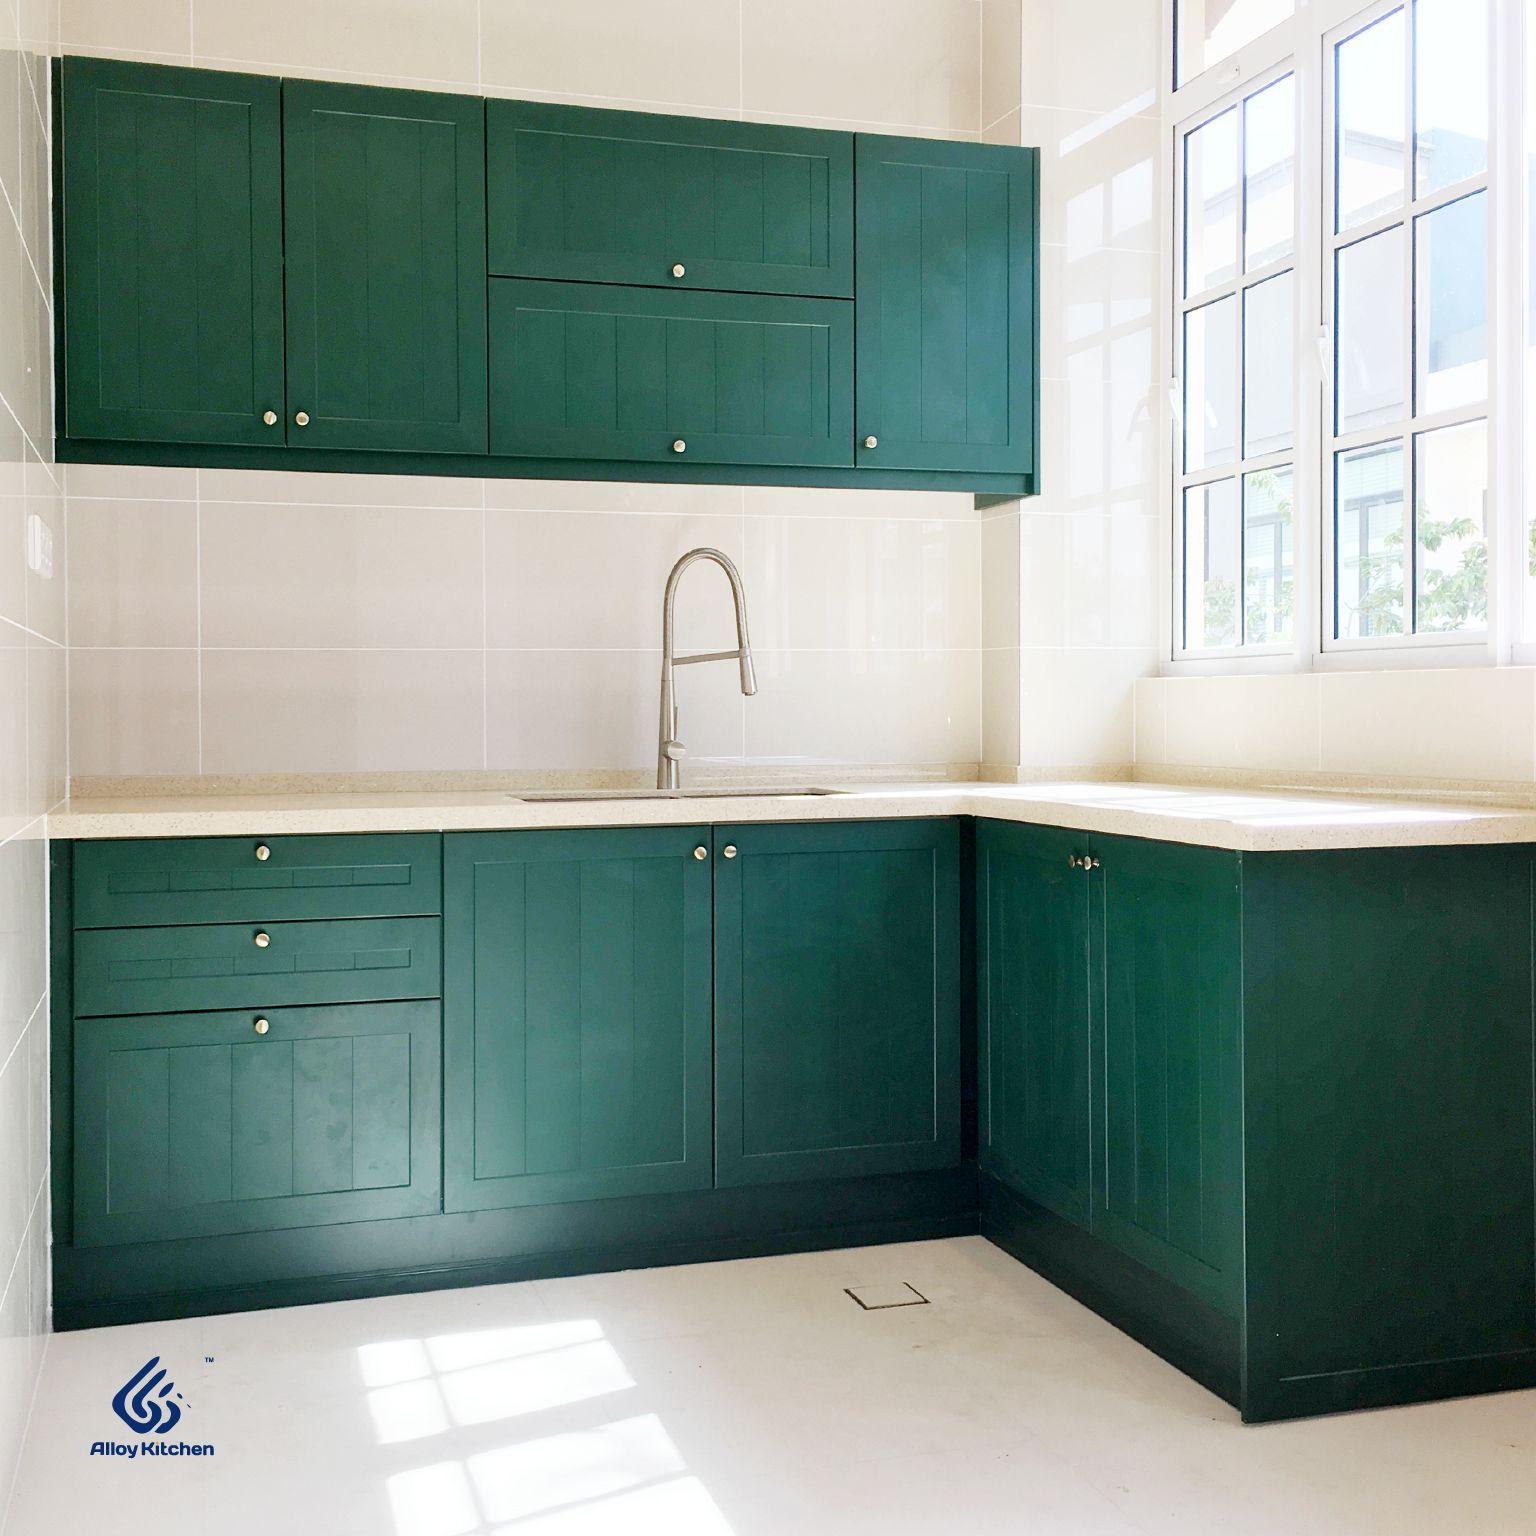 Kitchen Design Aluminium Cabinets Aluminum Kitchen Cabinets Kitchen Design Kitchen Appliances Design